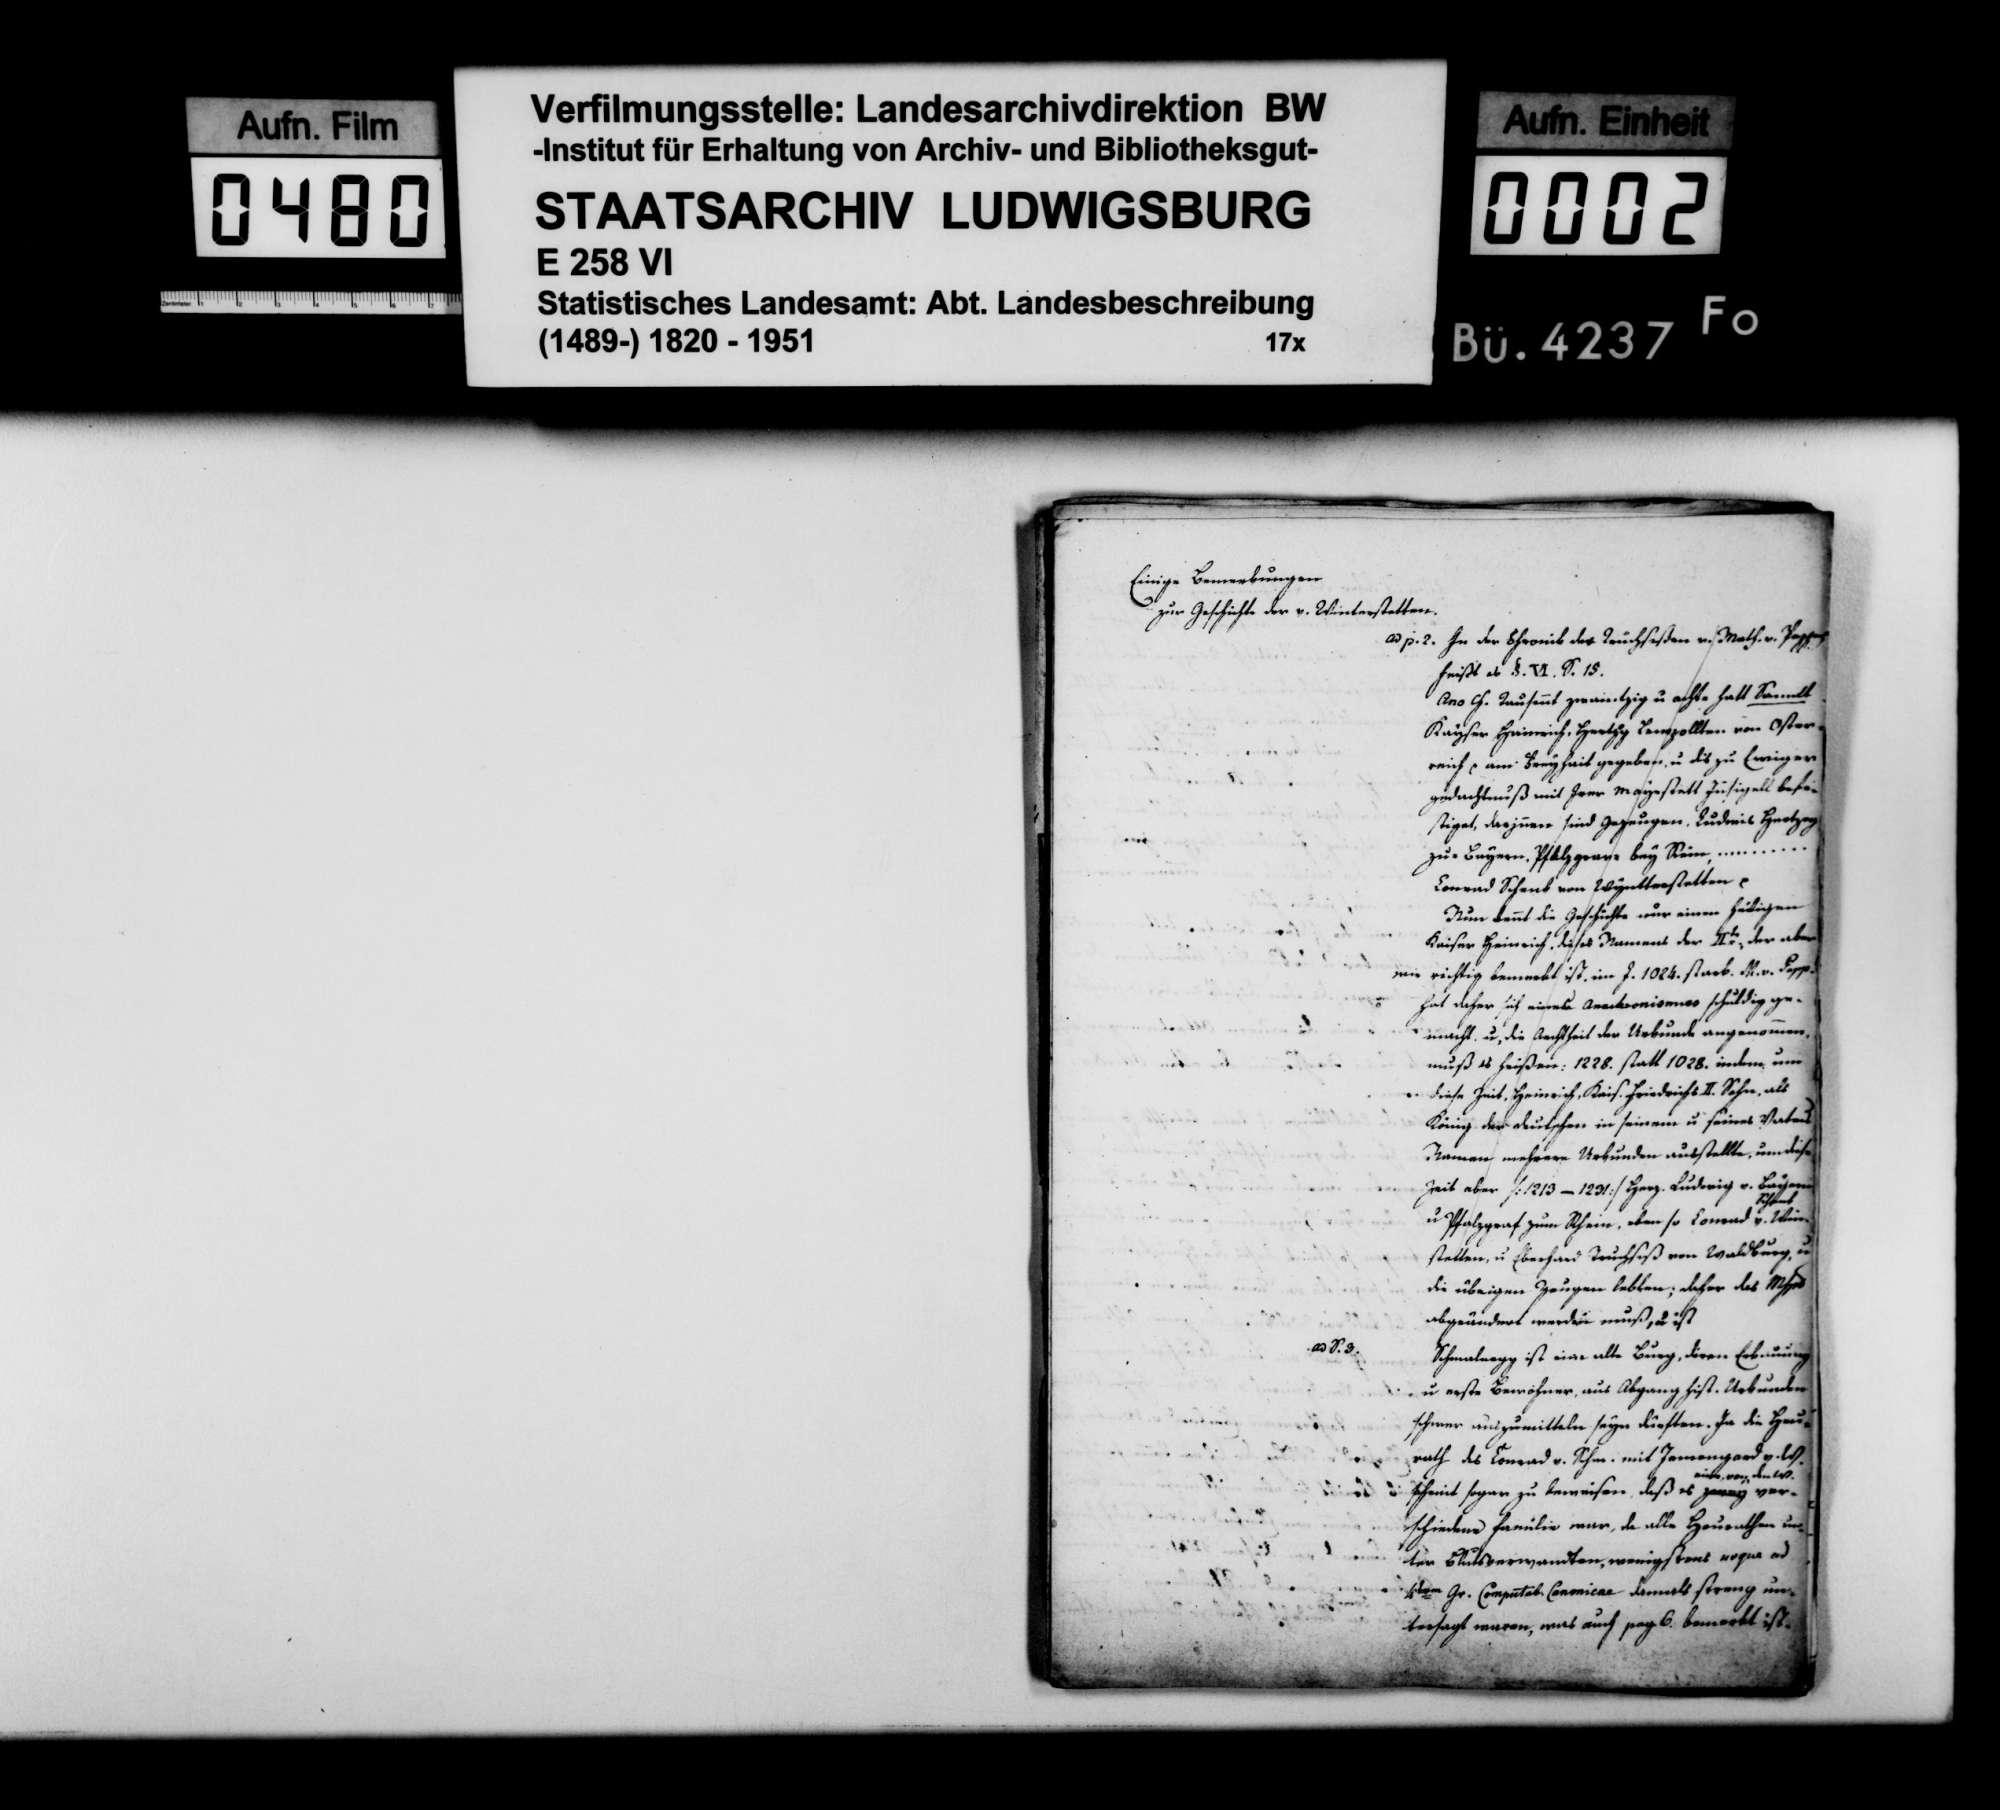 Bemerkungen und Abhandlungen des Domkapitulars [Johann Nepomuk von] Vanotti aus Rottenburg zur Geschichte im Oberamt, Bild 1